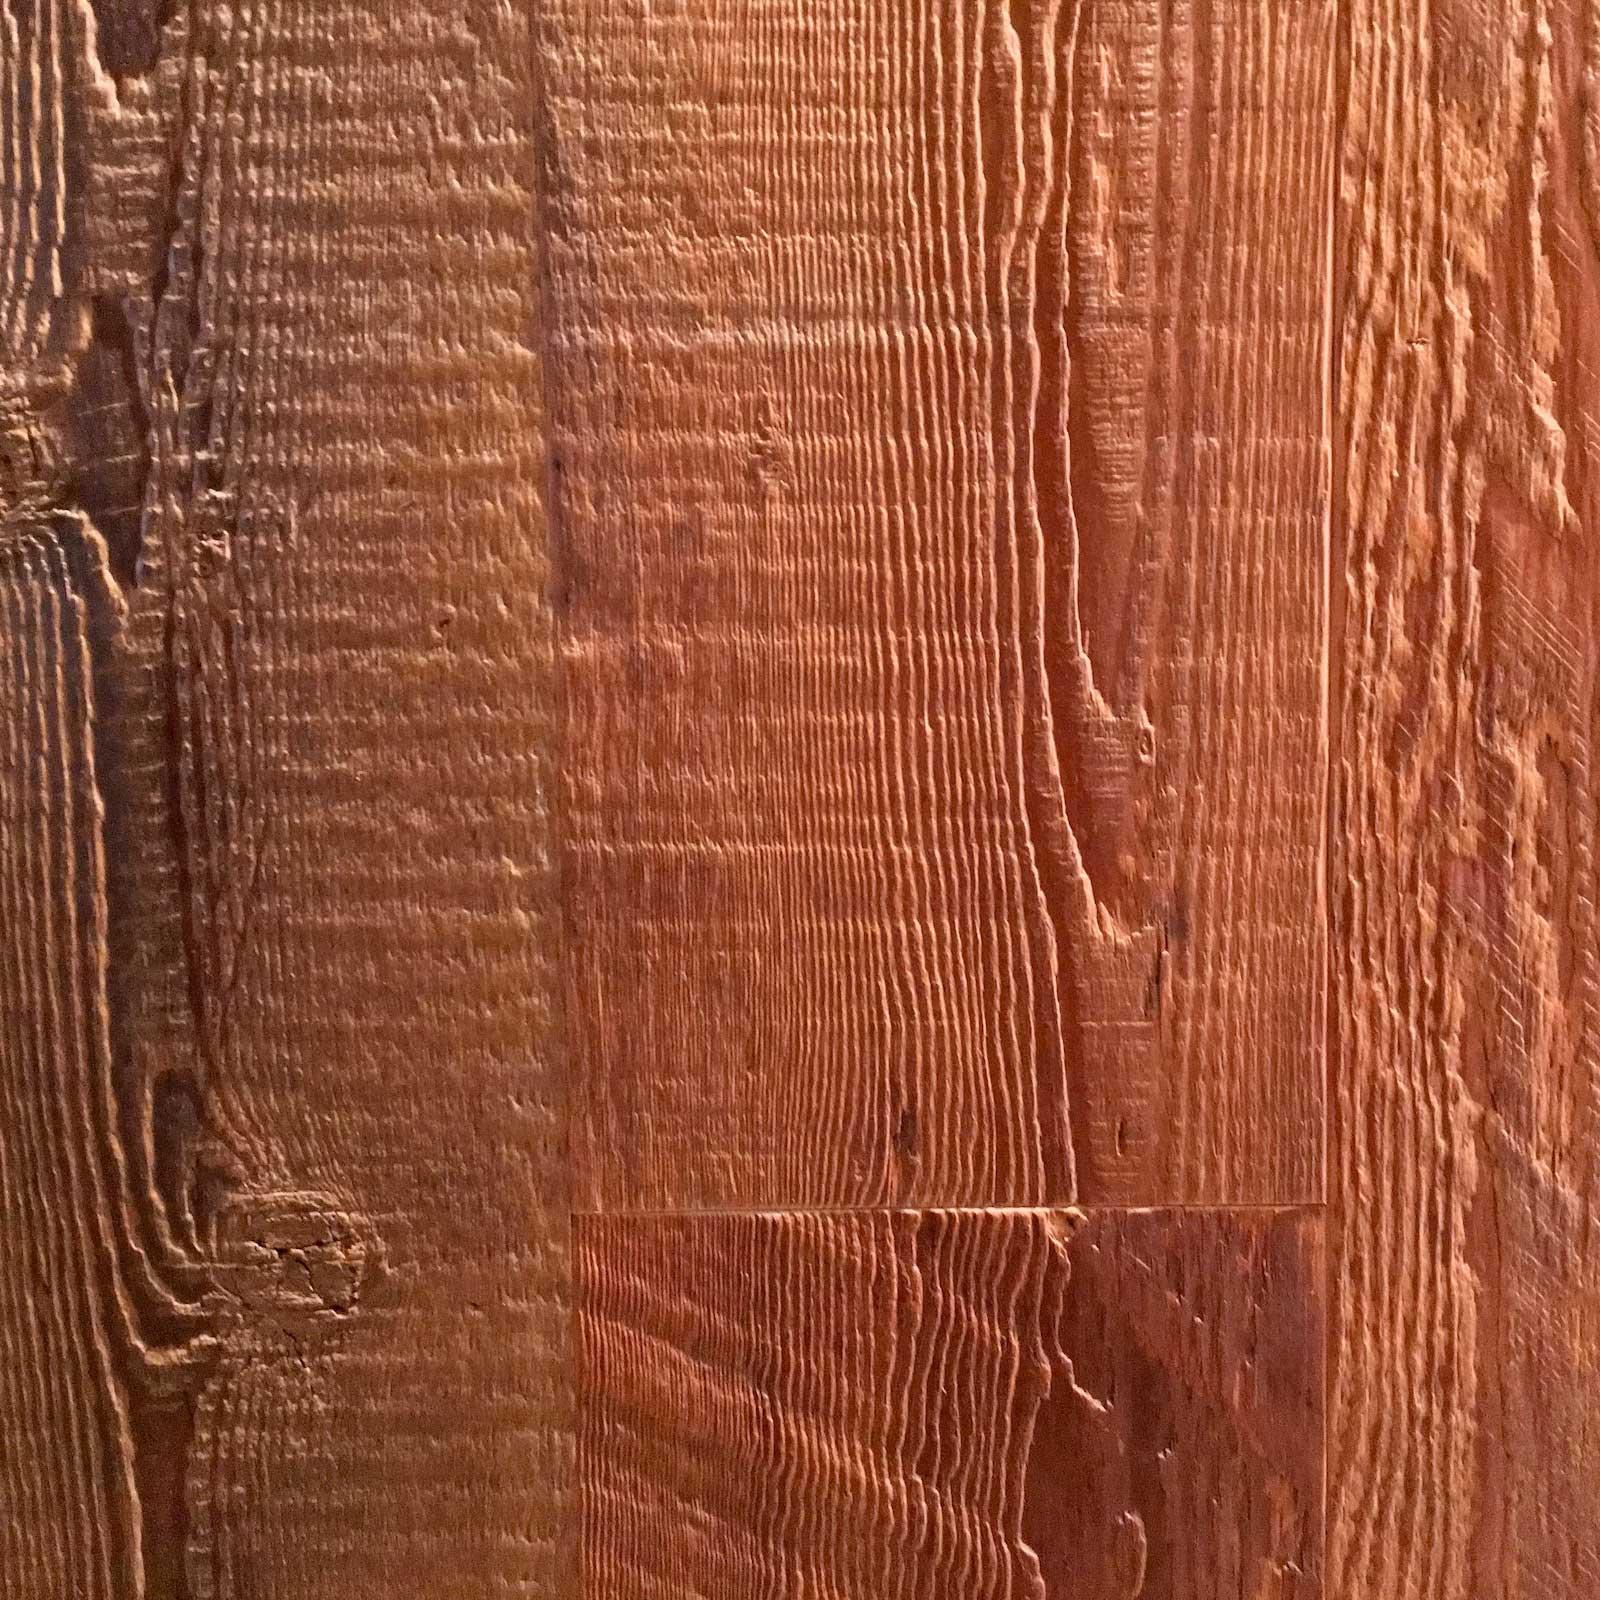 Rustic DF Flooring